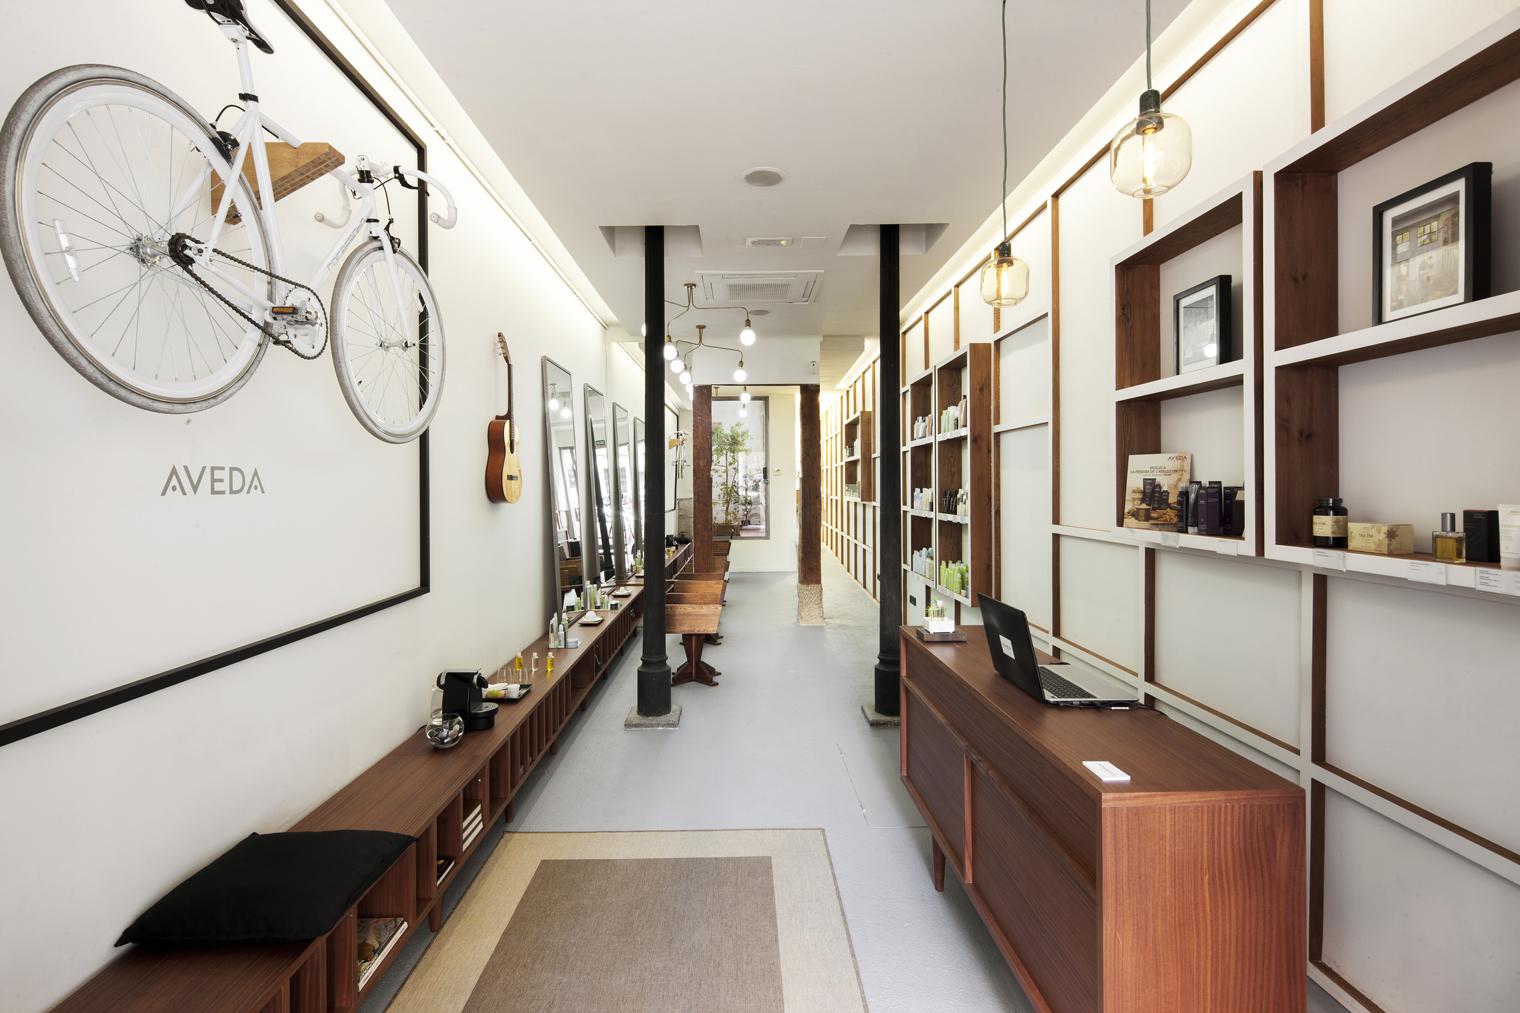 Alberto cali peluquer a neofolk en el centro de madrid for Estudios de interiorismo madrid